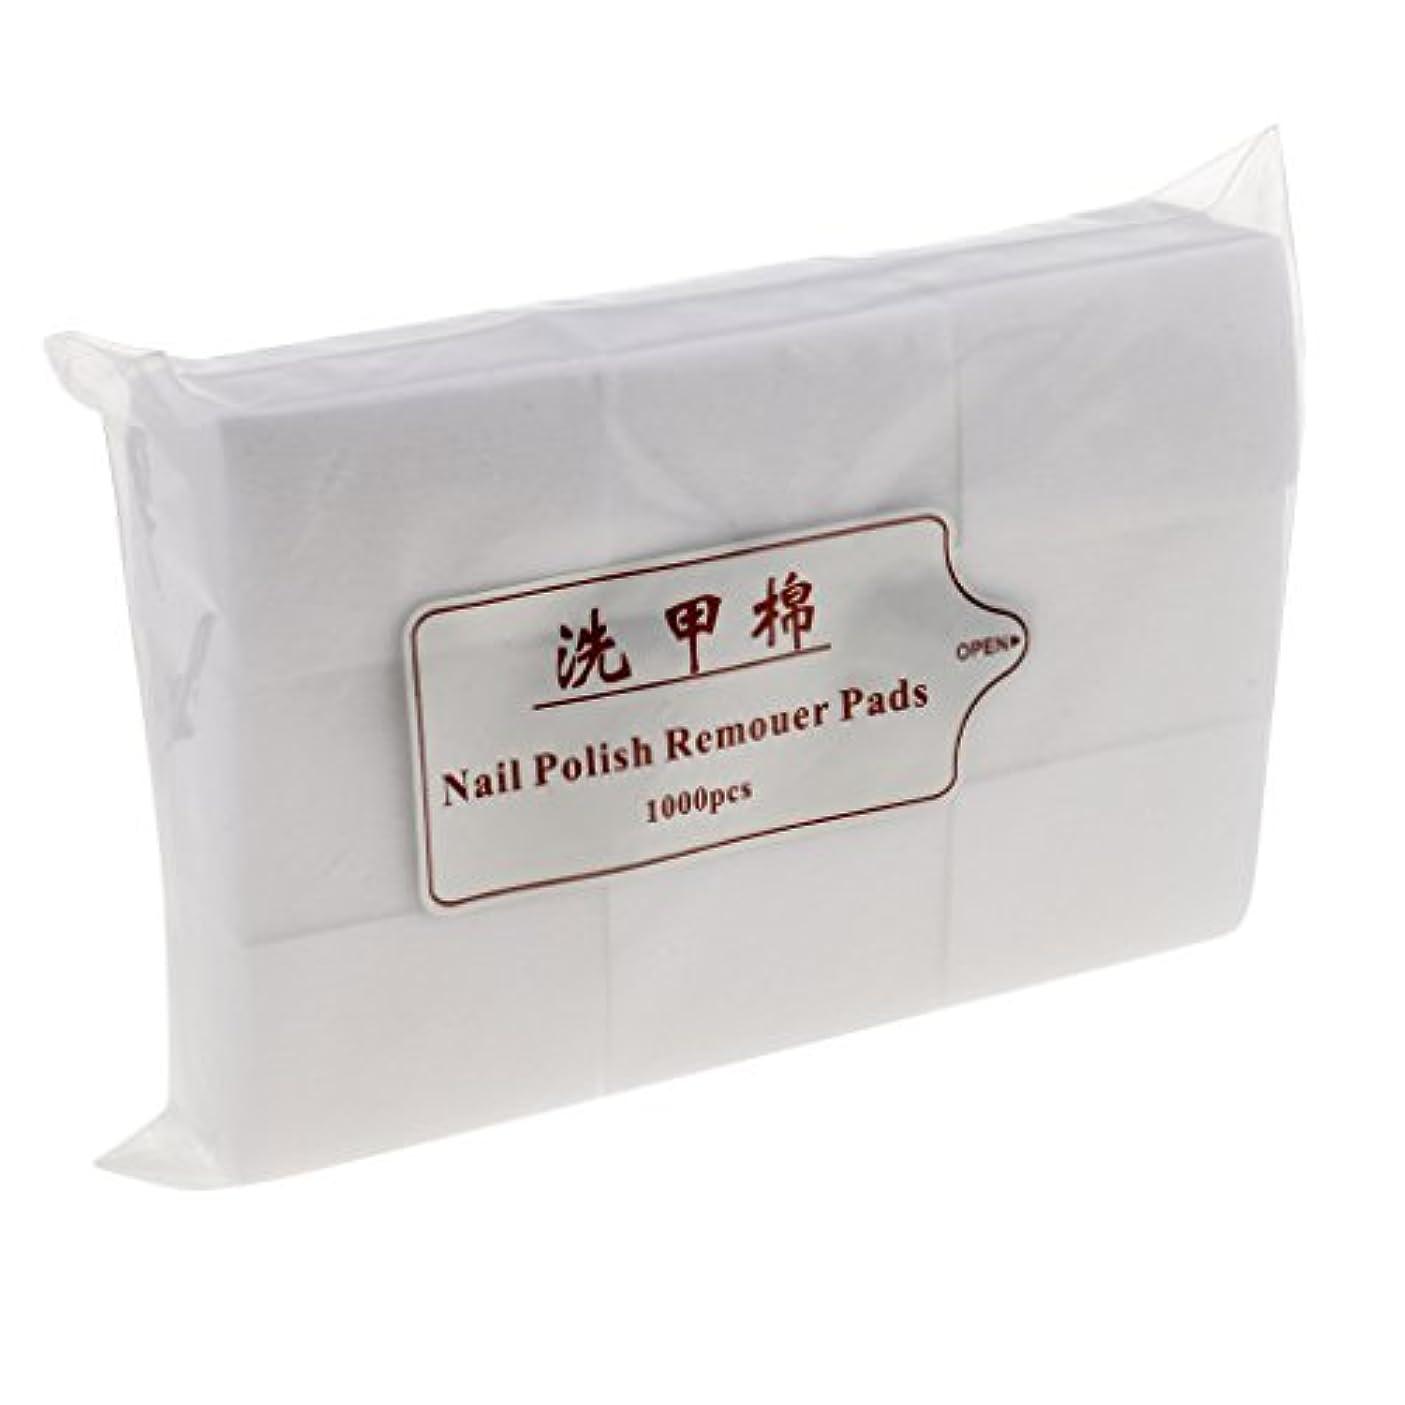 ナイトスポット不毛恐怖約1000個 ネイルコットンパッド ネイル パッド ネイルアートチップ パッド紙 吸水性 便利 ネイルサロン